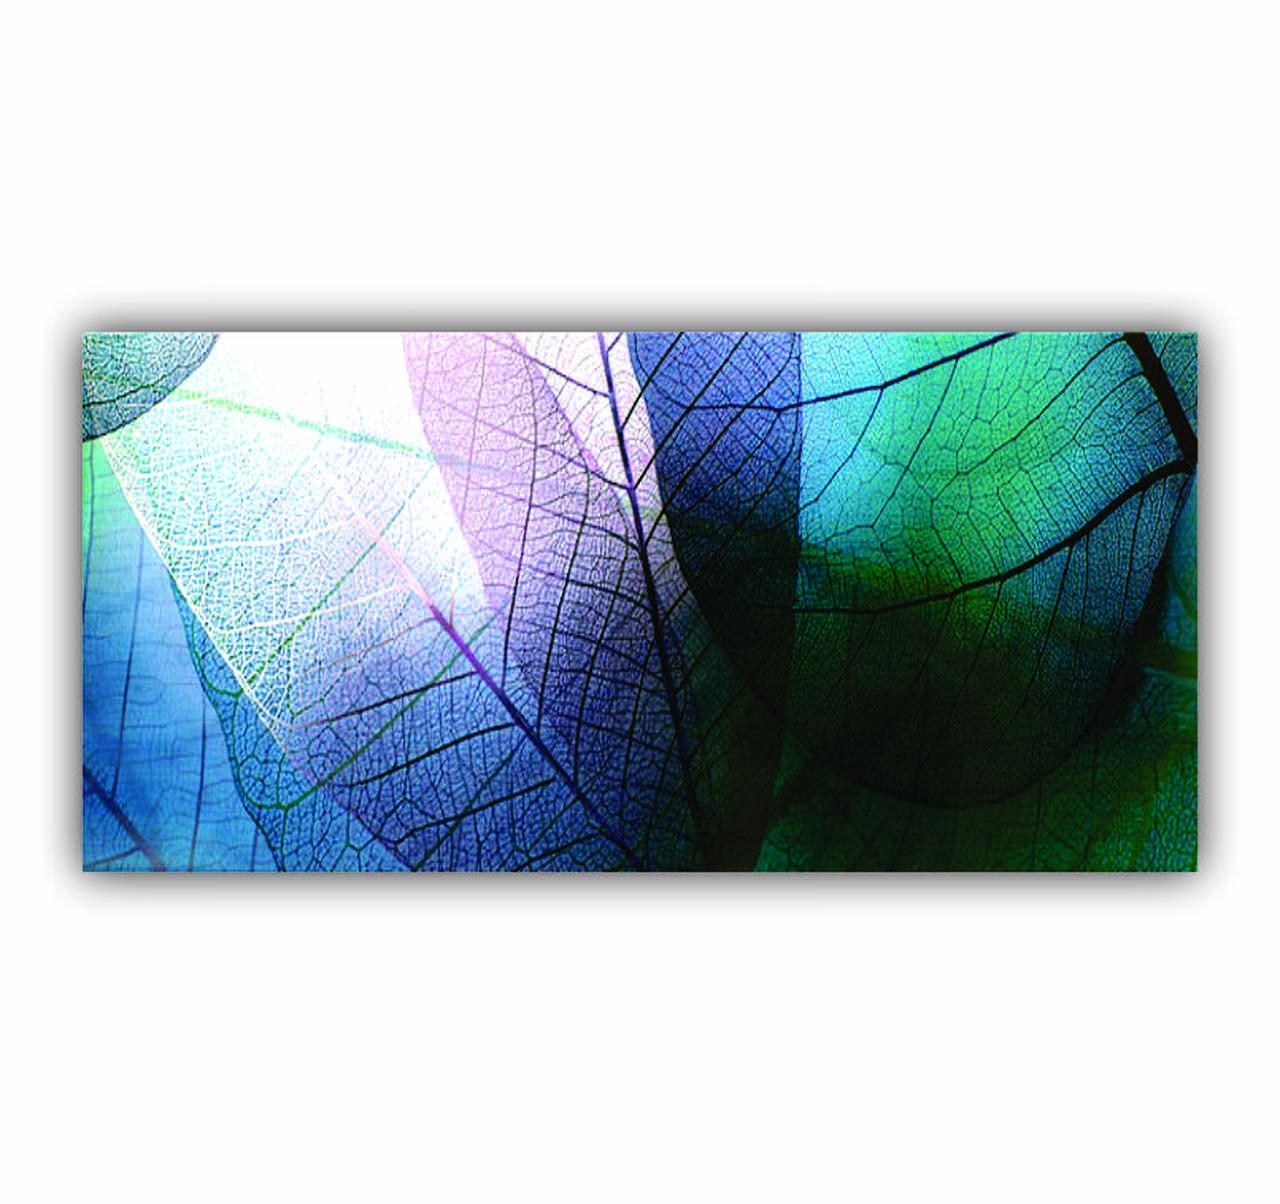 Quadro Folhas Veia Tons de Azul - Tela Única